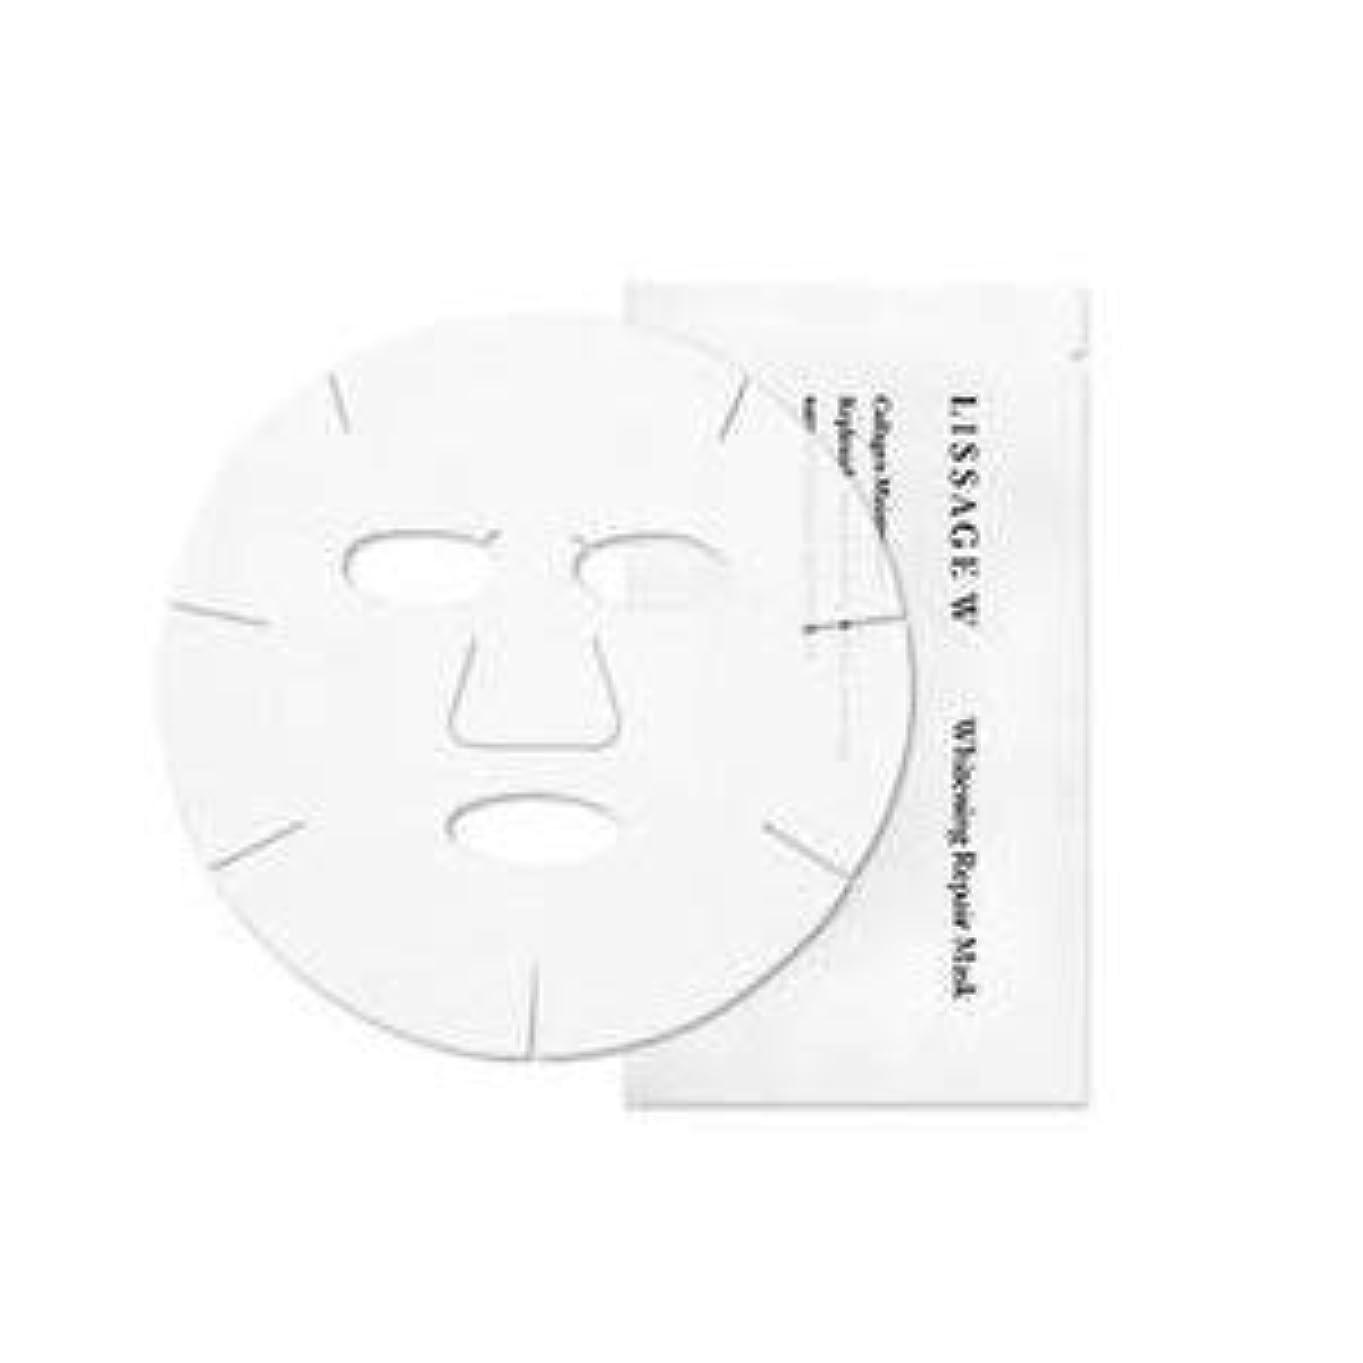 リサージ ホワイト ホワイトニング リペアマスク 22mL×5枚入り